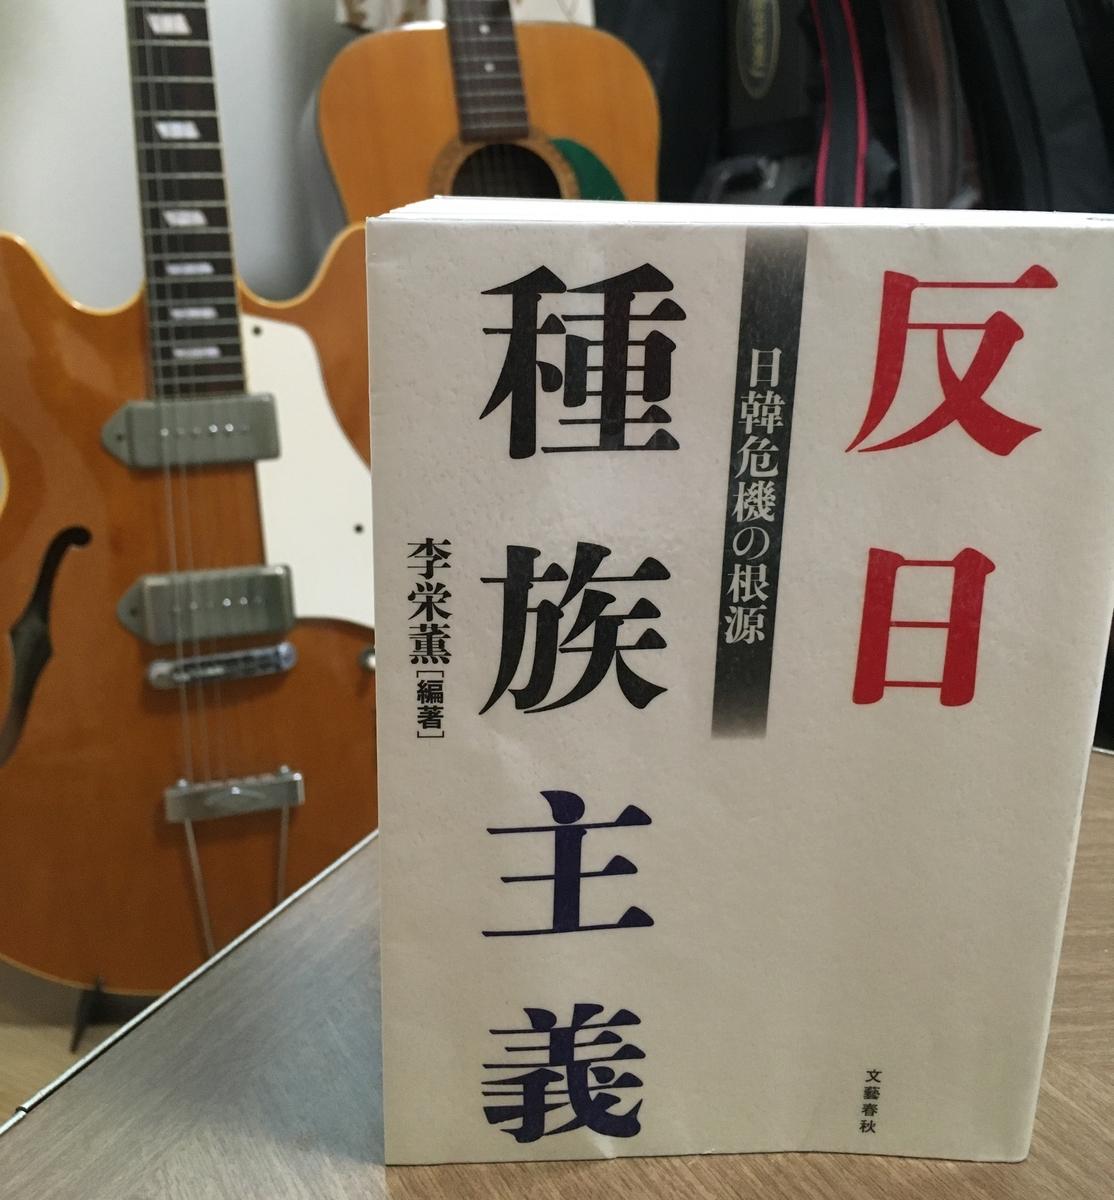 反日種族主義,日韓危機の根源,李栄薫